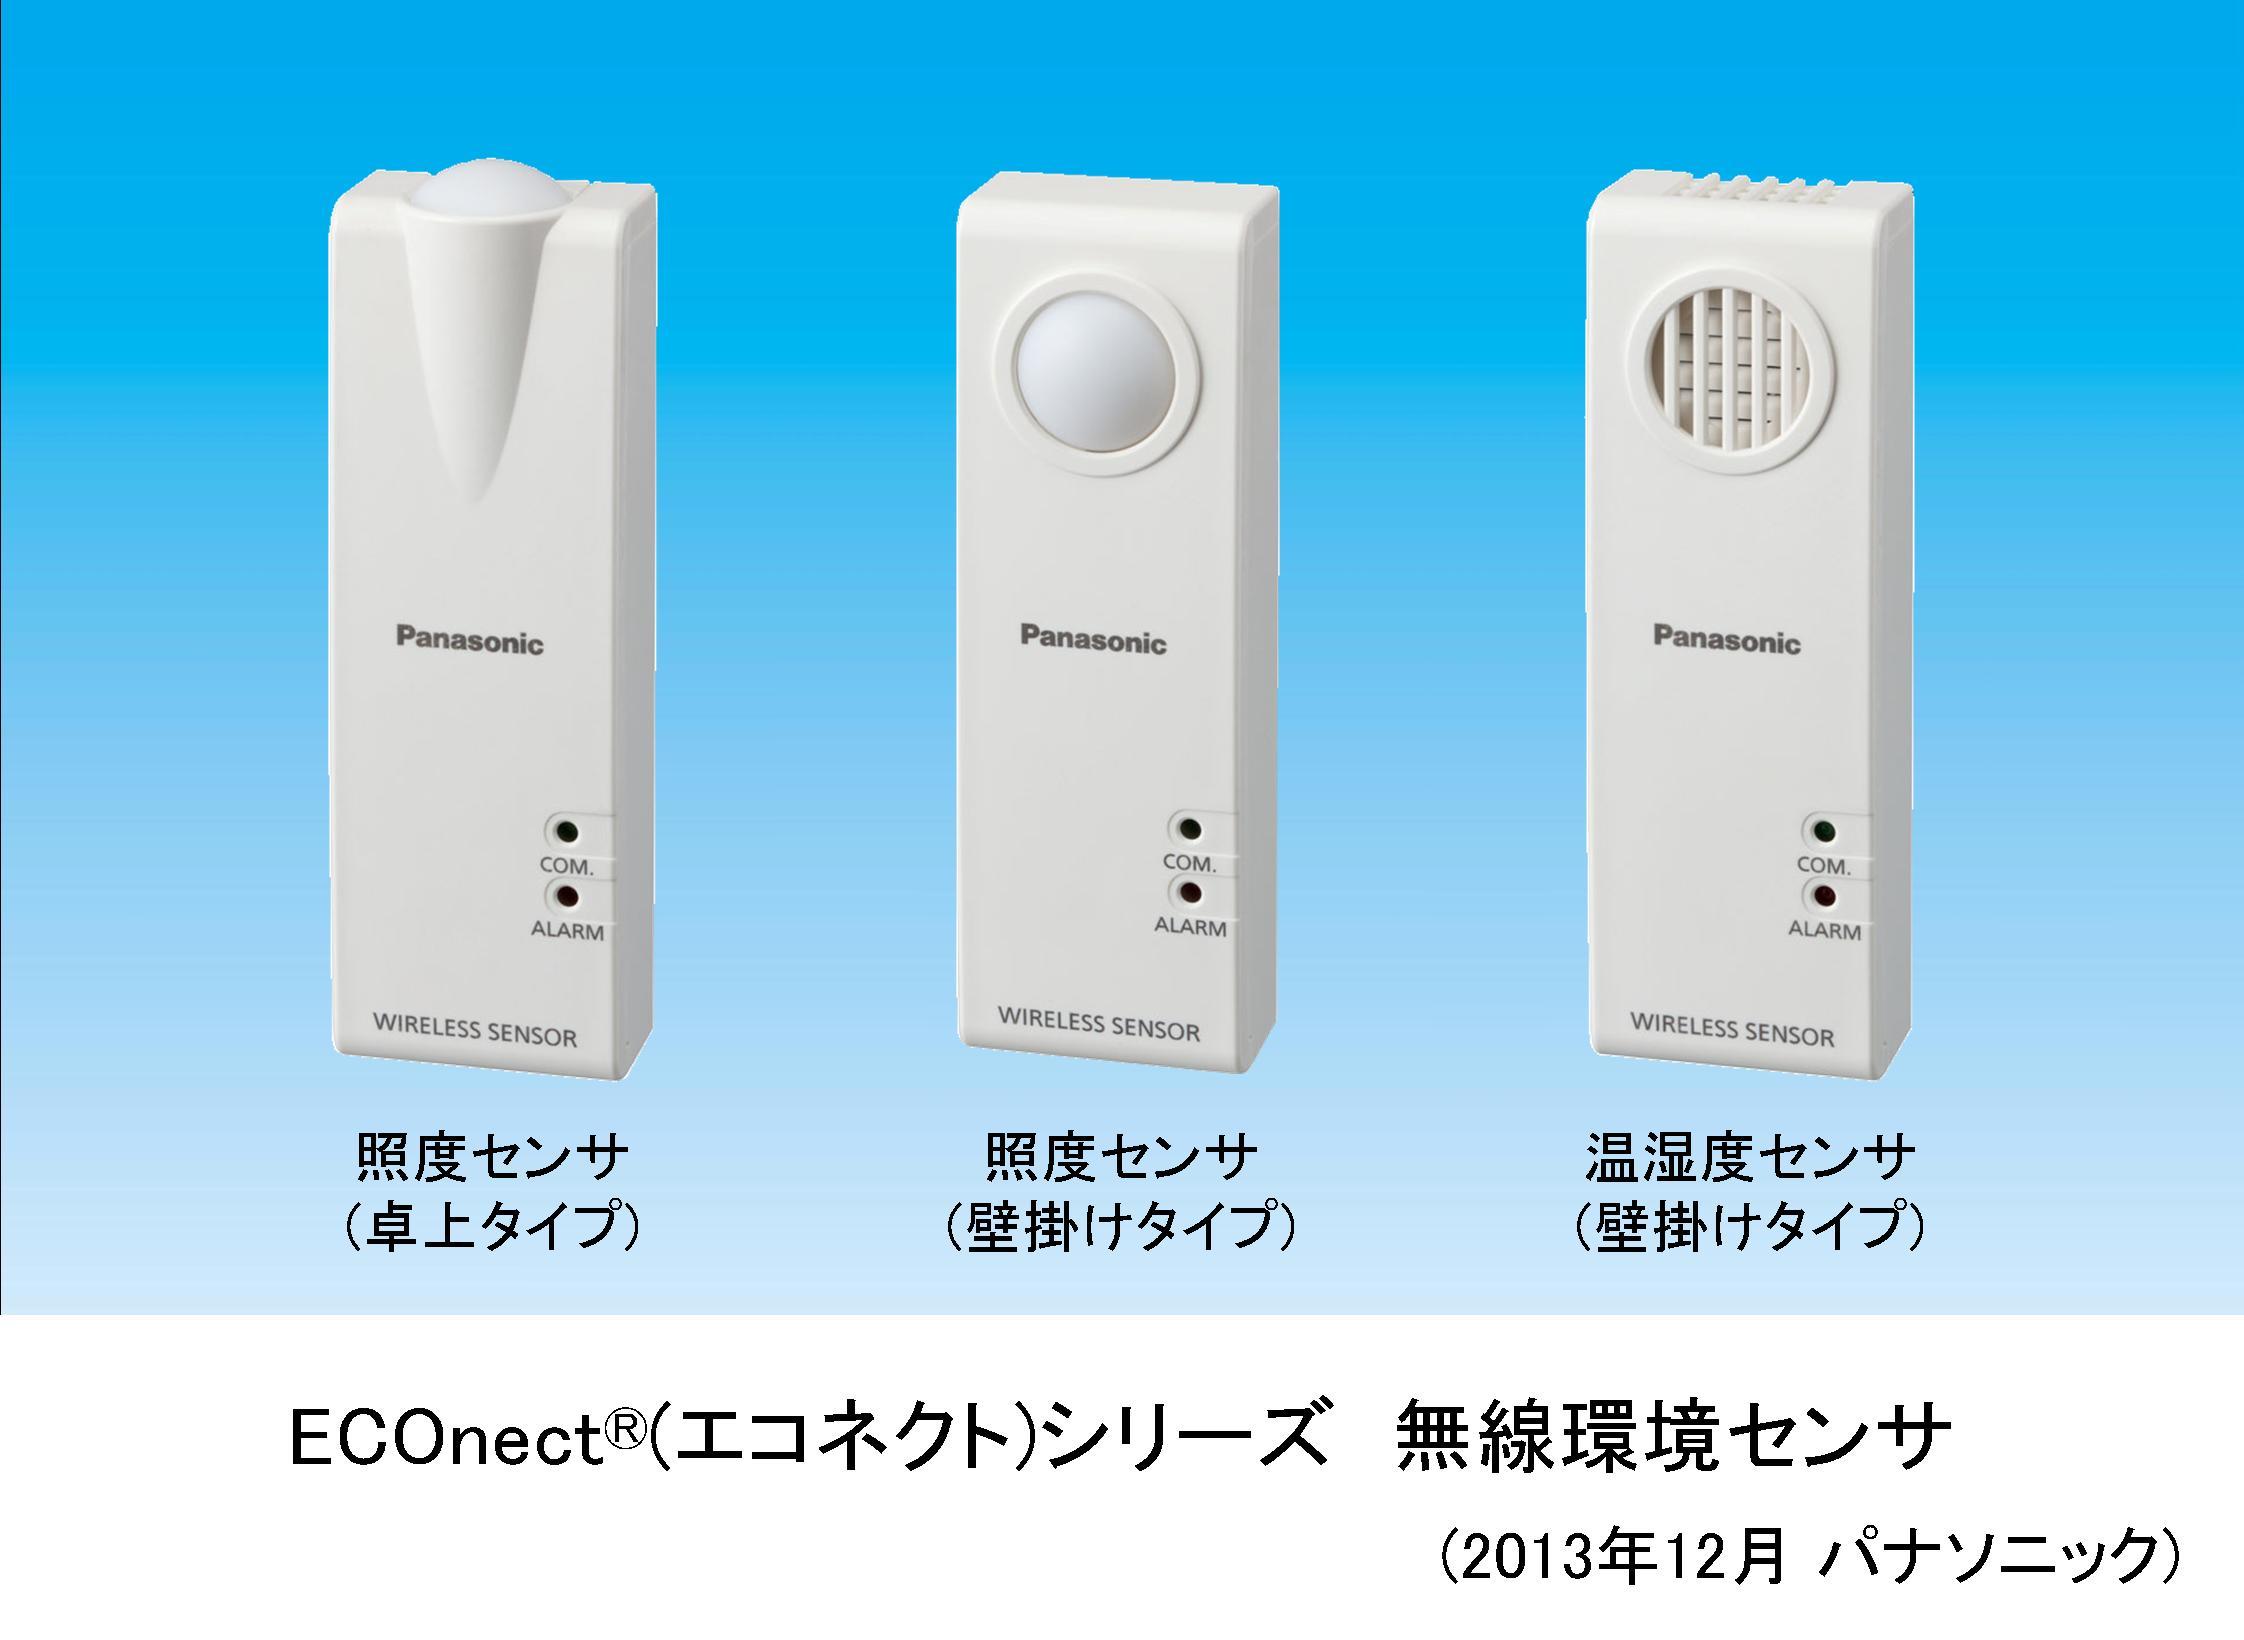 ECOnect® (エコネクト) シリーズ 無線環境センサ